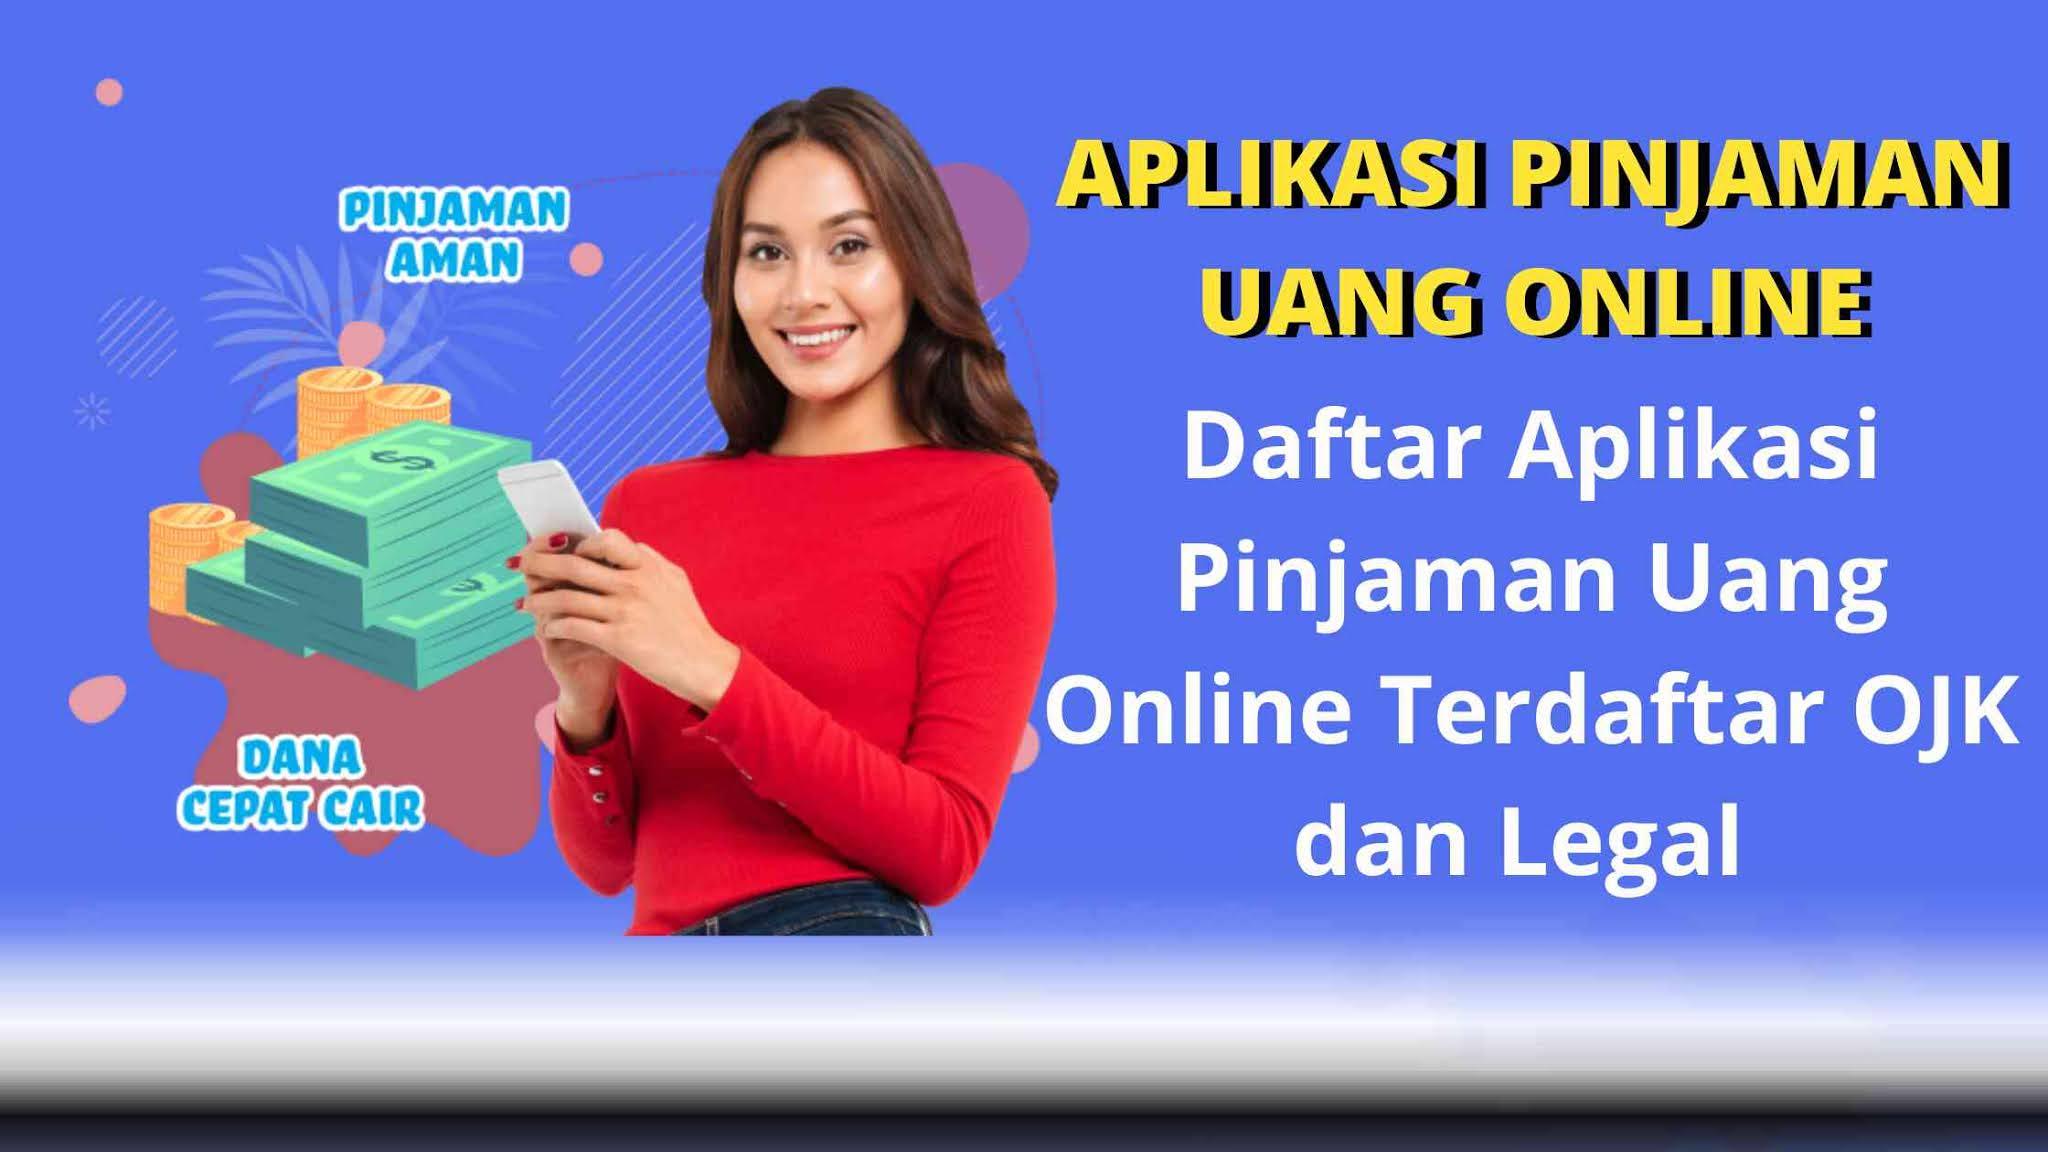 Rekomendasi aplikasi pinjaman online terbaik